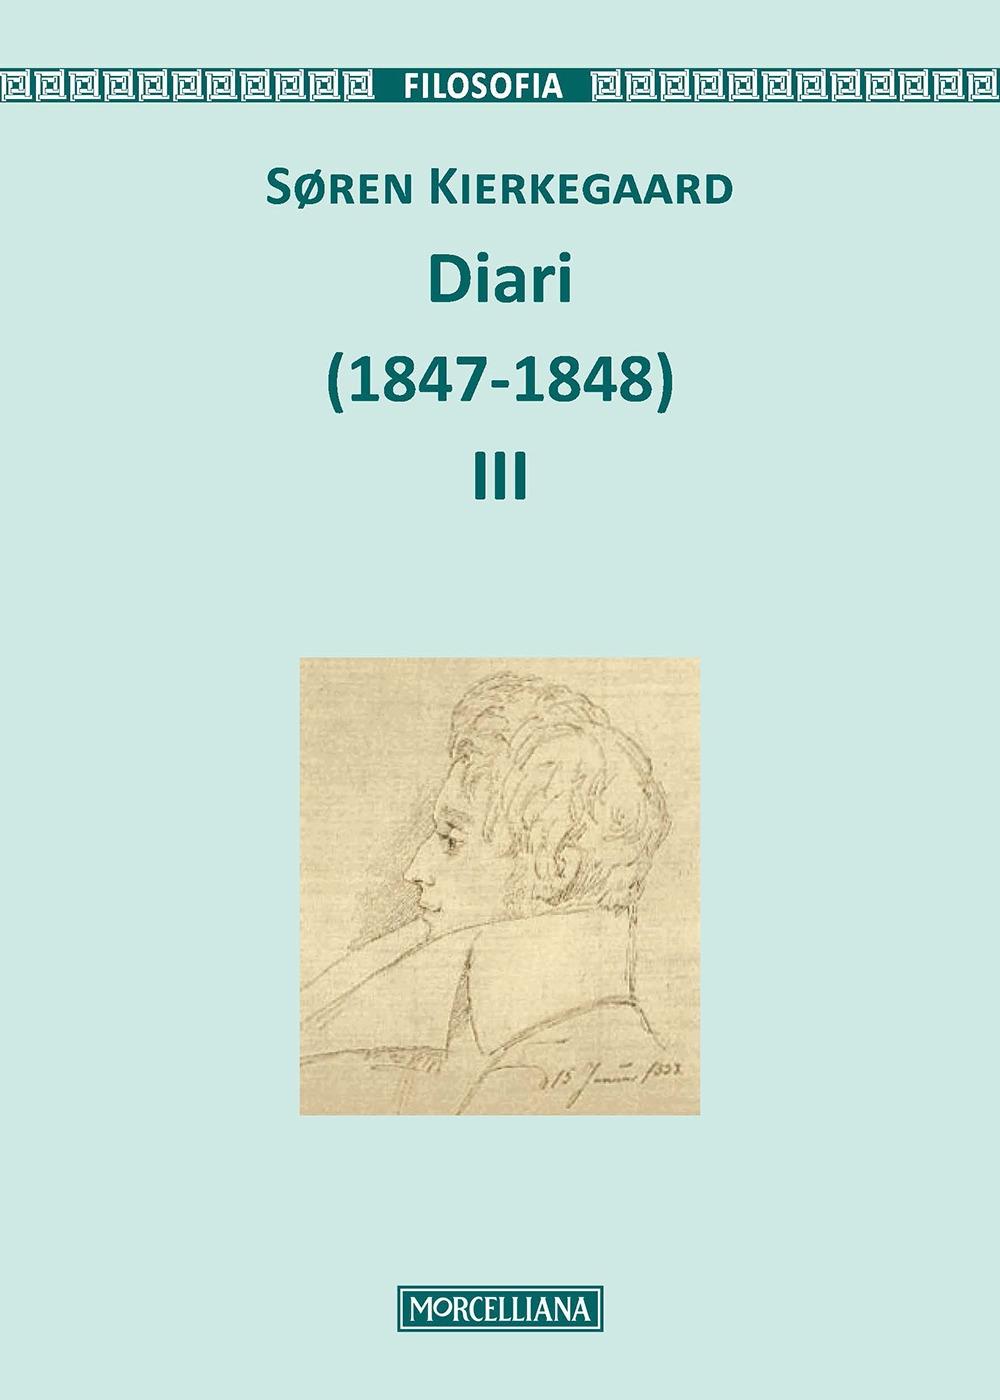 DiarI (1846-1847). Vol. 3.